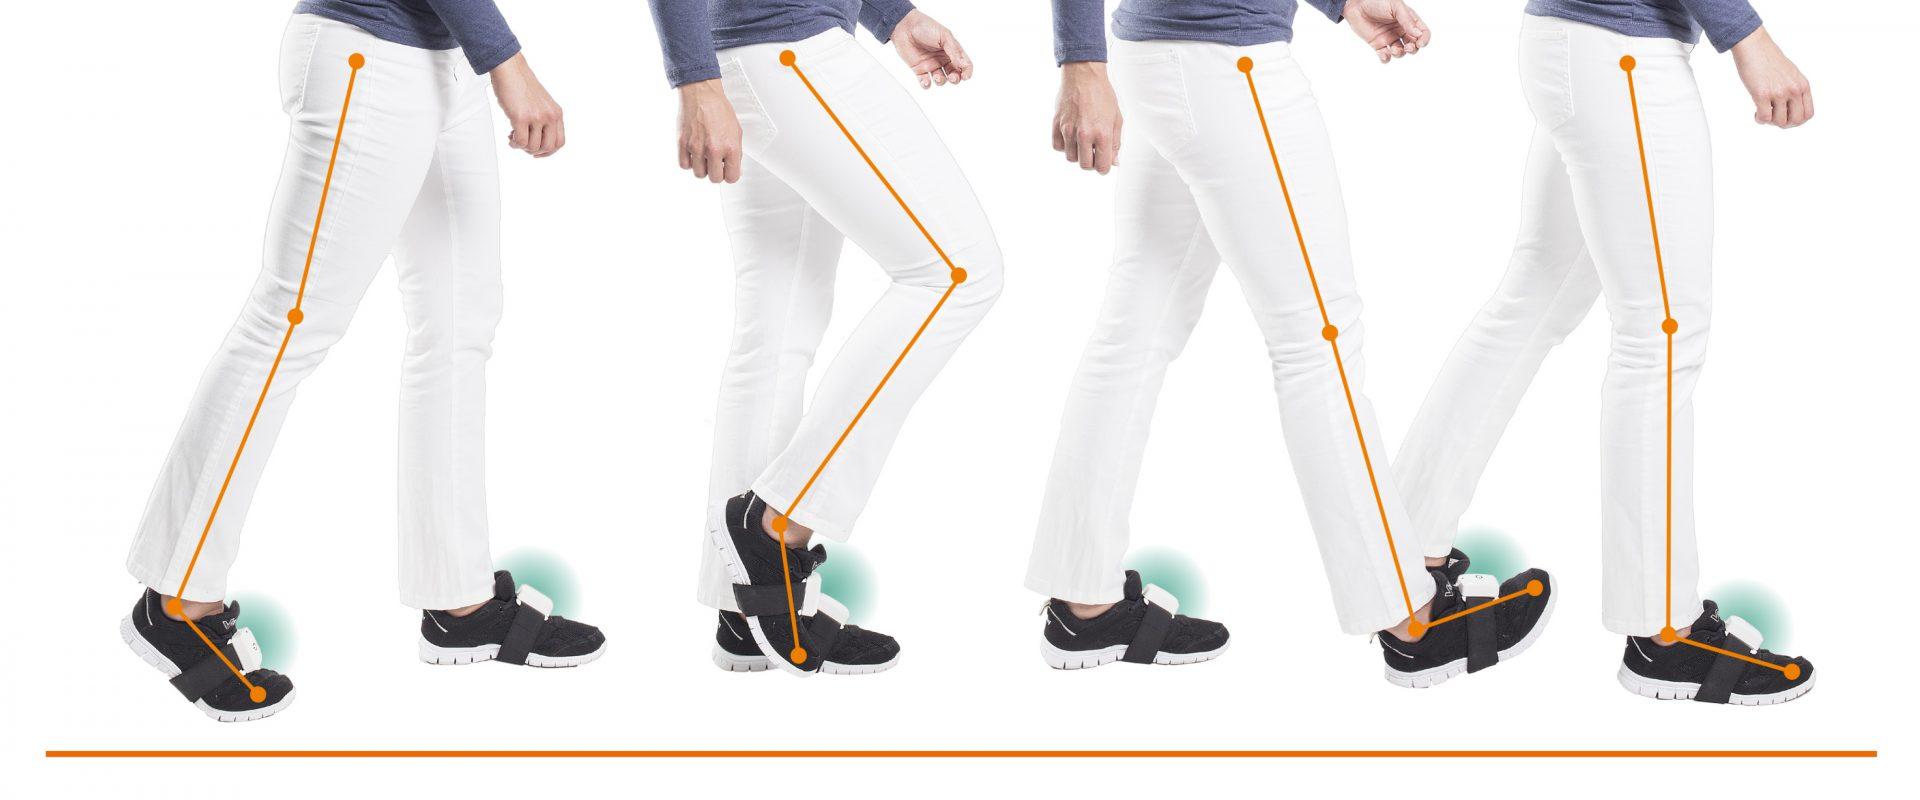 PABLO sensors Anwendungsbeispiel an den Beinen, Ganganalyse